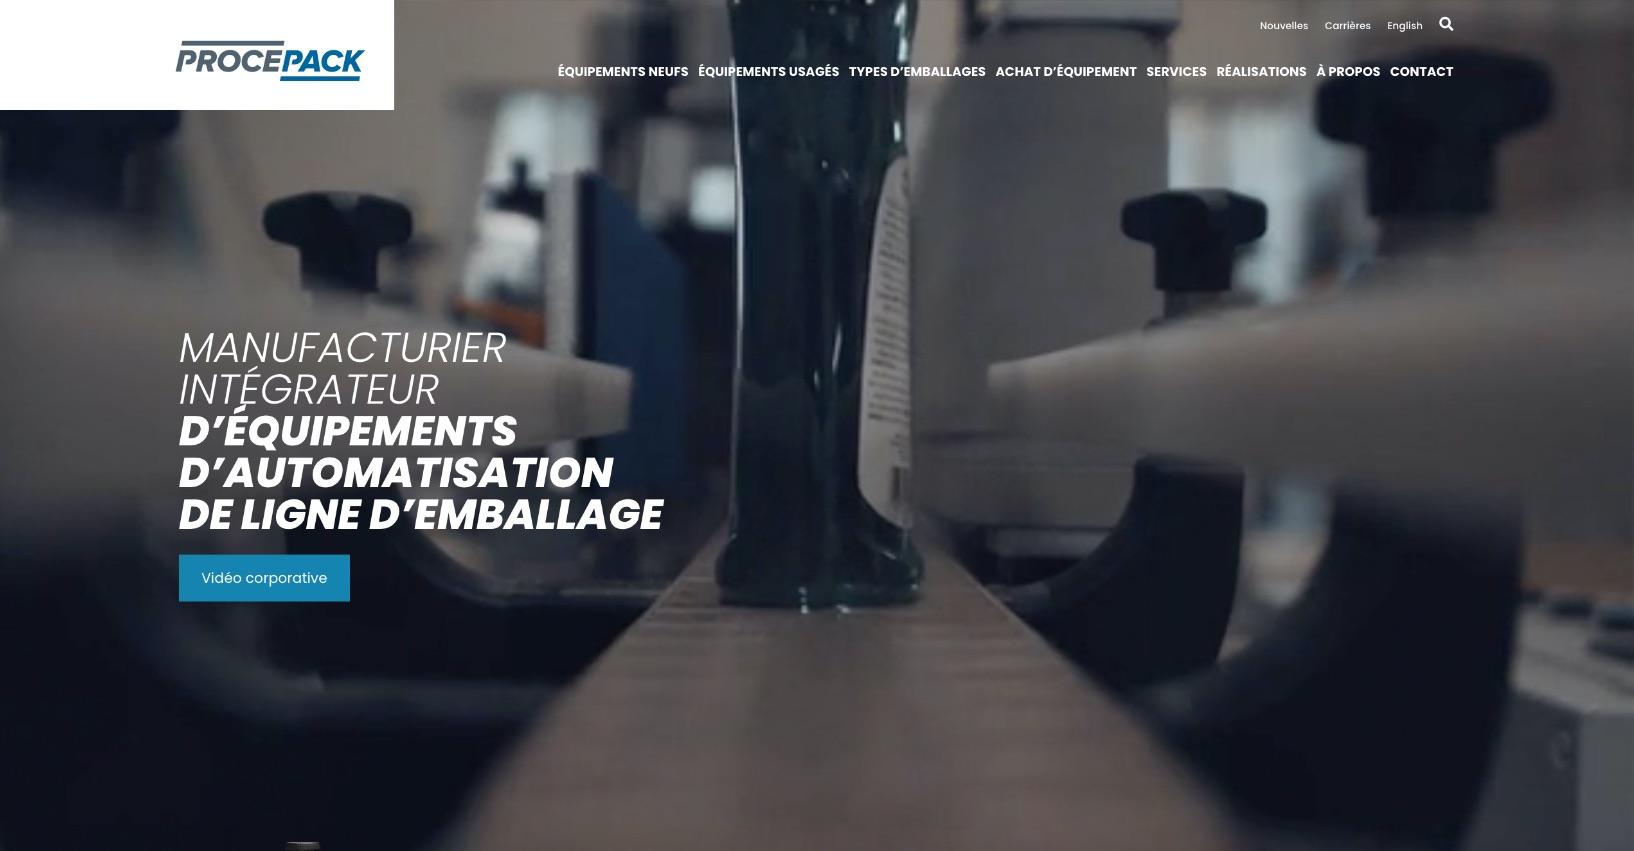 Stratégie Web | Intégration de séquence vidéo | Procepack